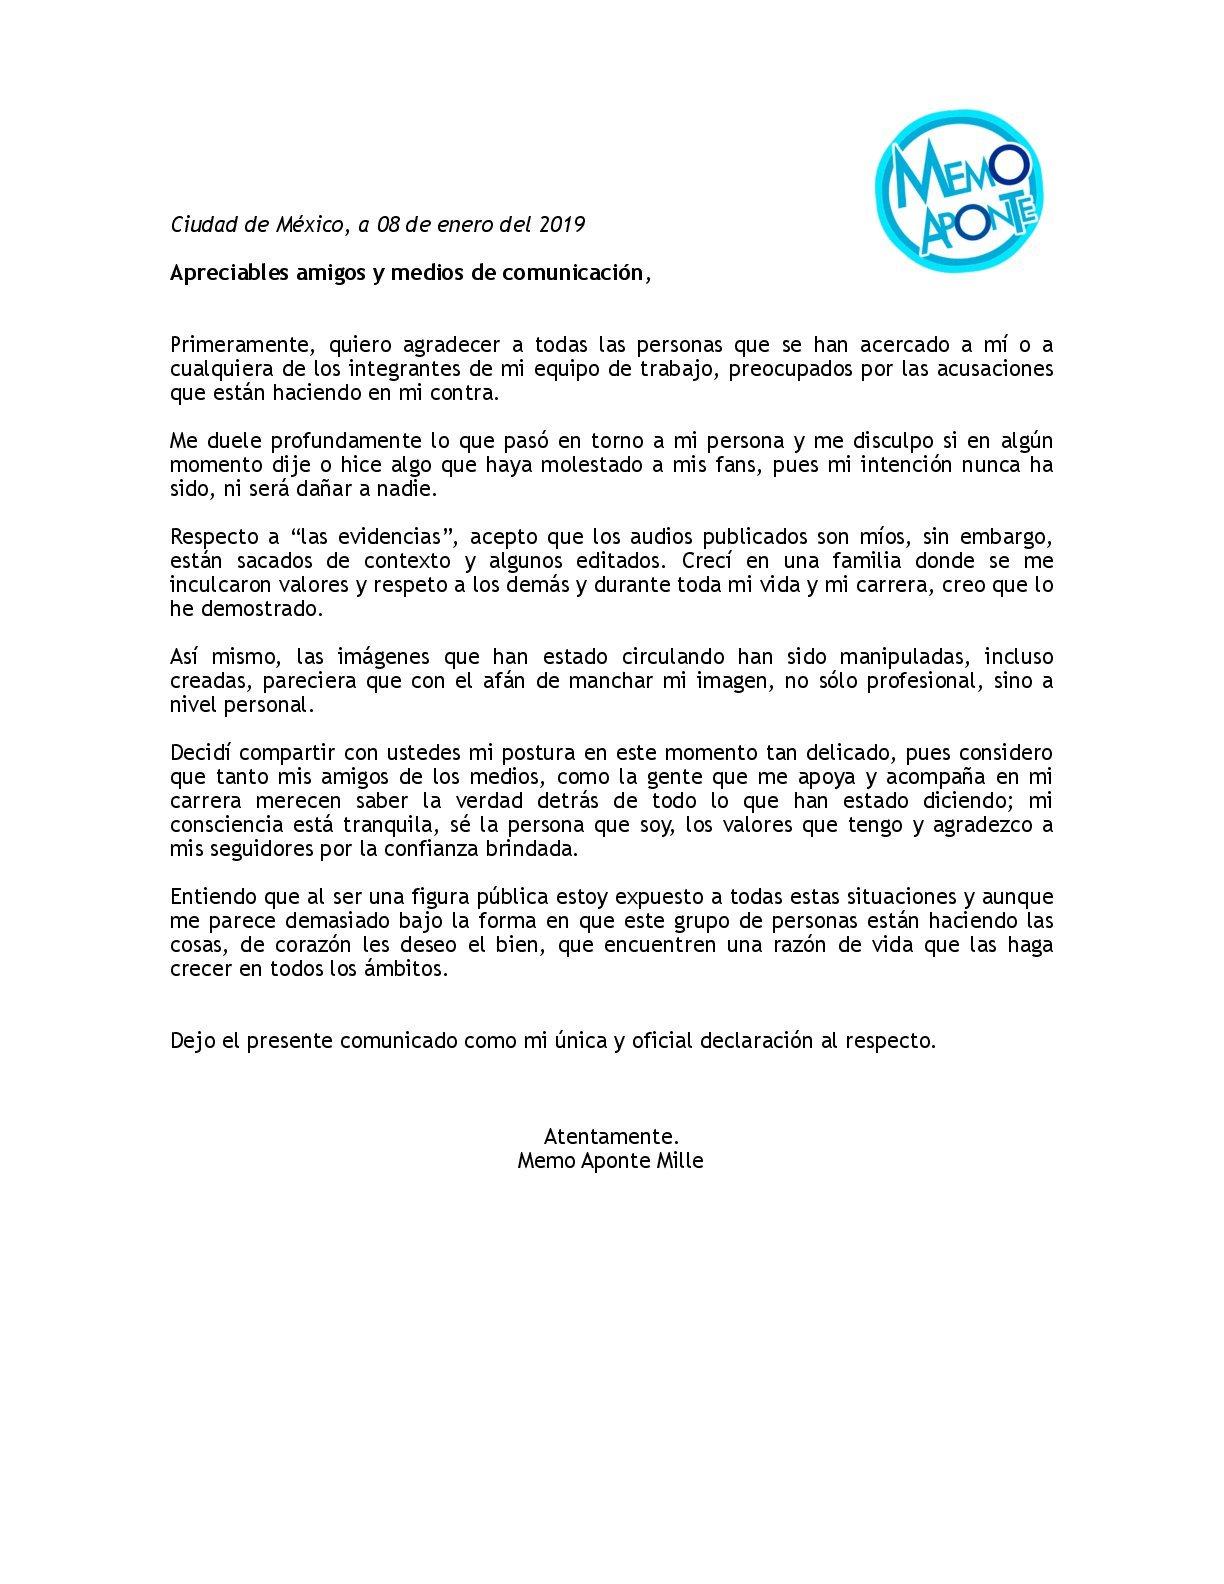 declaracion disney abuso menores 2019